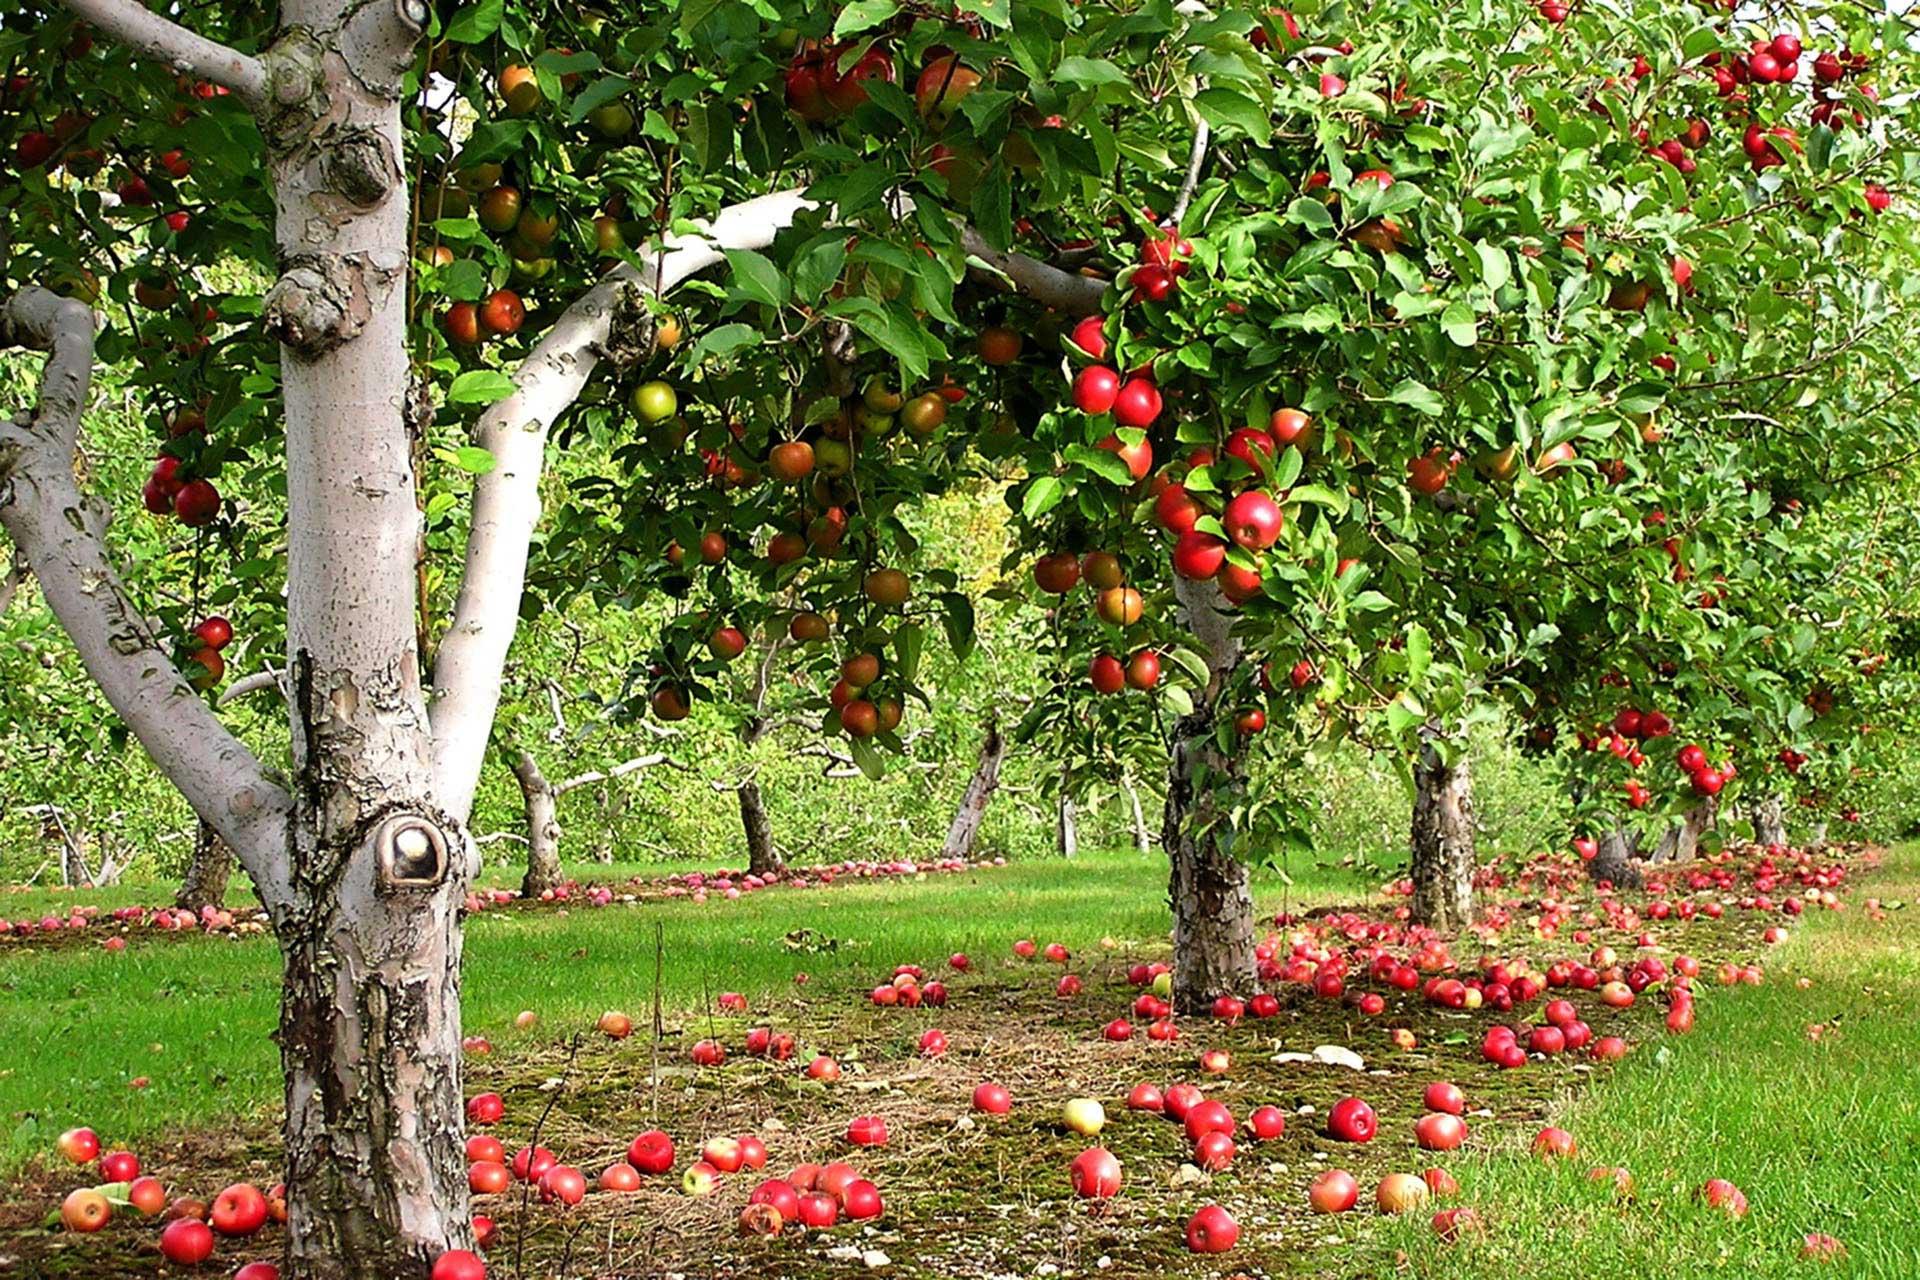 картинки сад с яблонями витальевна чувствовала, что